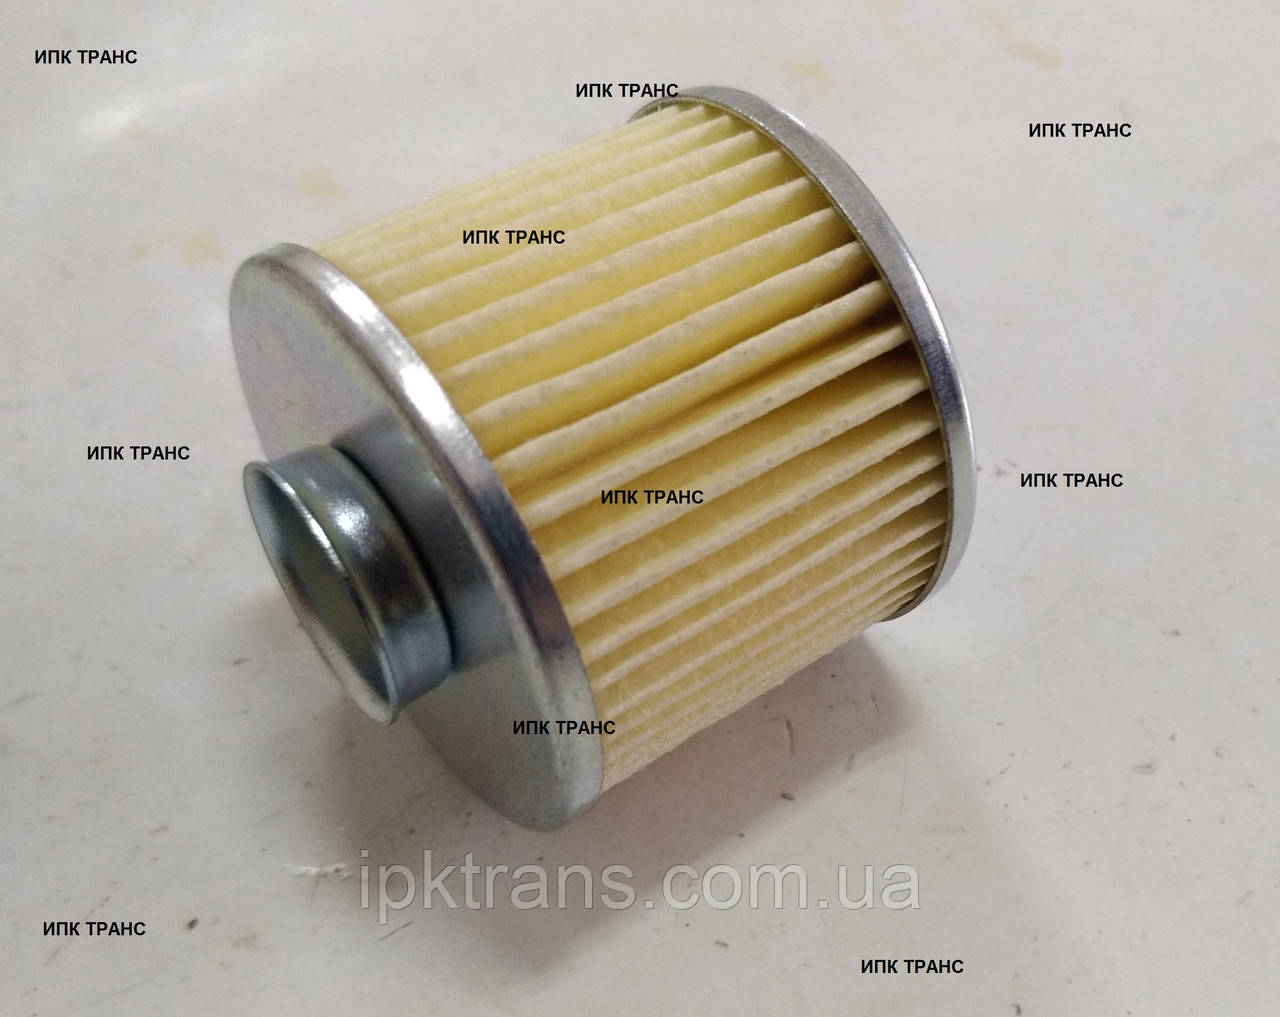 Фильтр топливный двигателя NISSAN K21 1640478213, 16404-78213